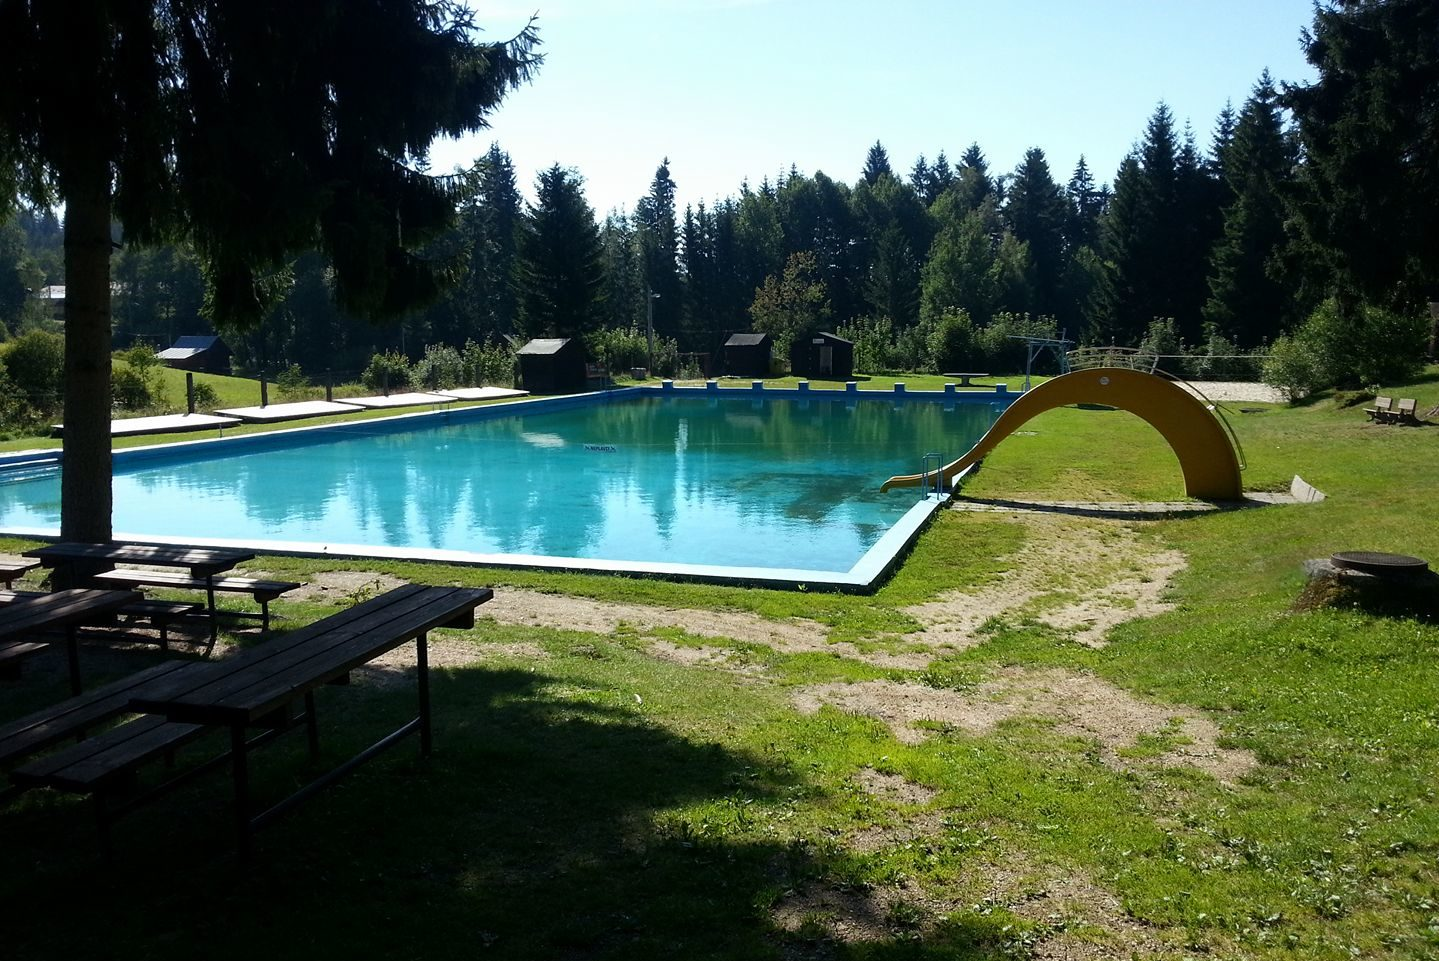 Skromné koupaliště v Lučanech nad Nisou uprostřed zeleně